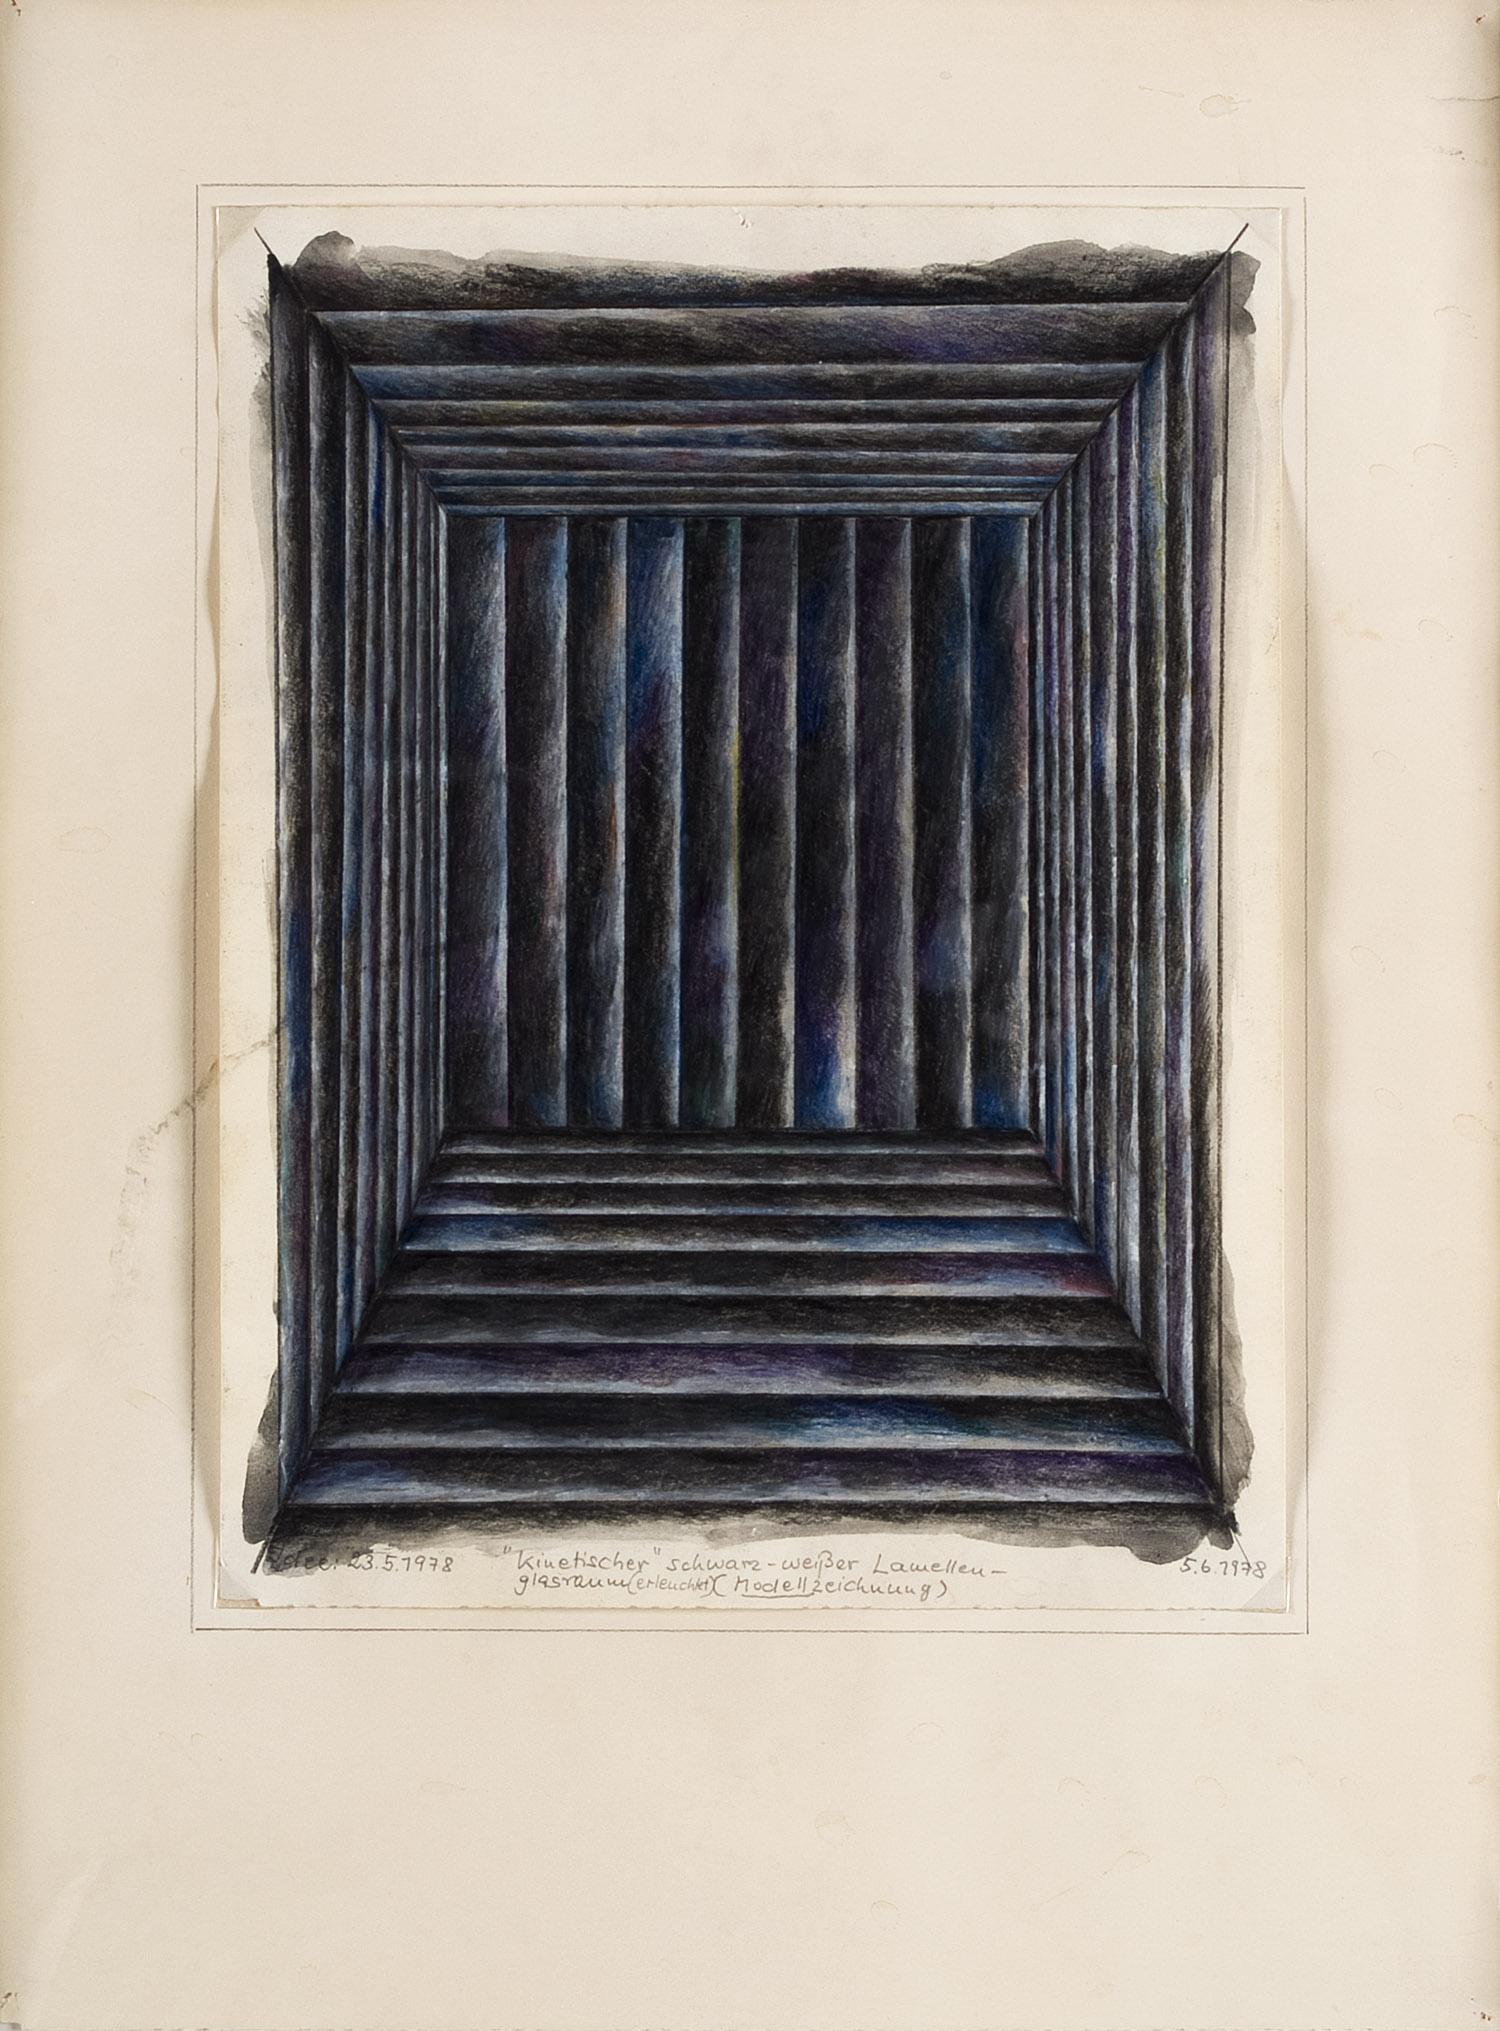 Kinetischer schwarz-weißer Lamellen-Glasraum, Modellzeichnung   1978   Wasserfarbe und Bleibstift auf Papier   40 x 29,5 cm